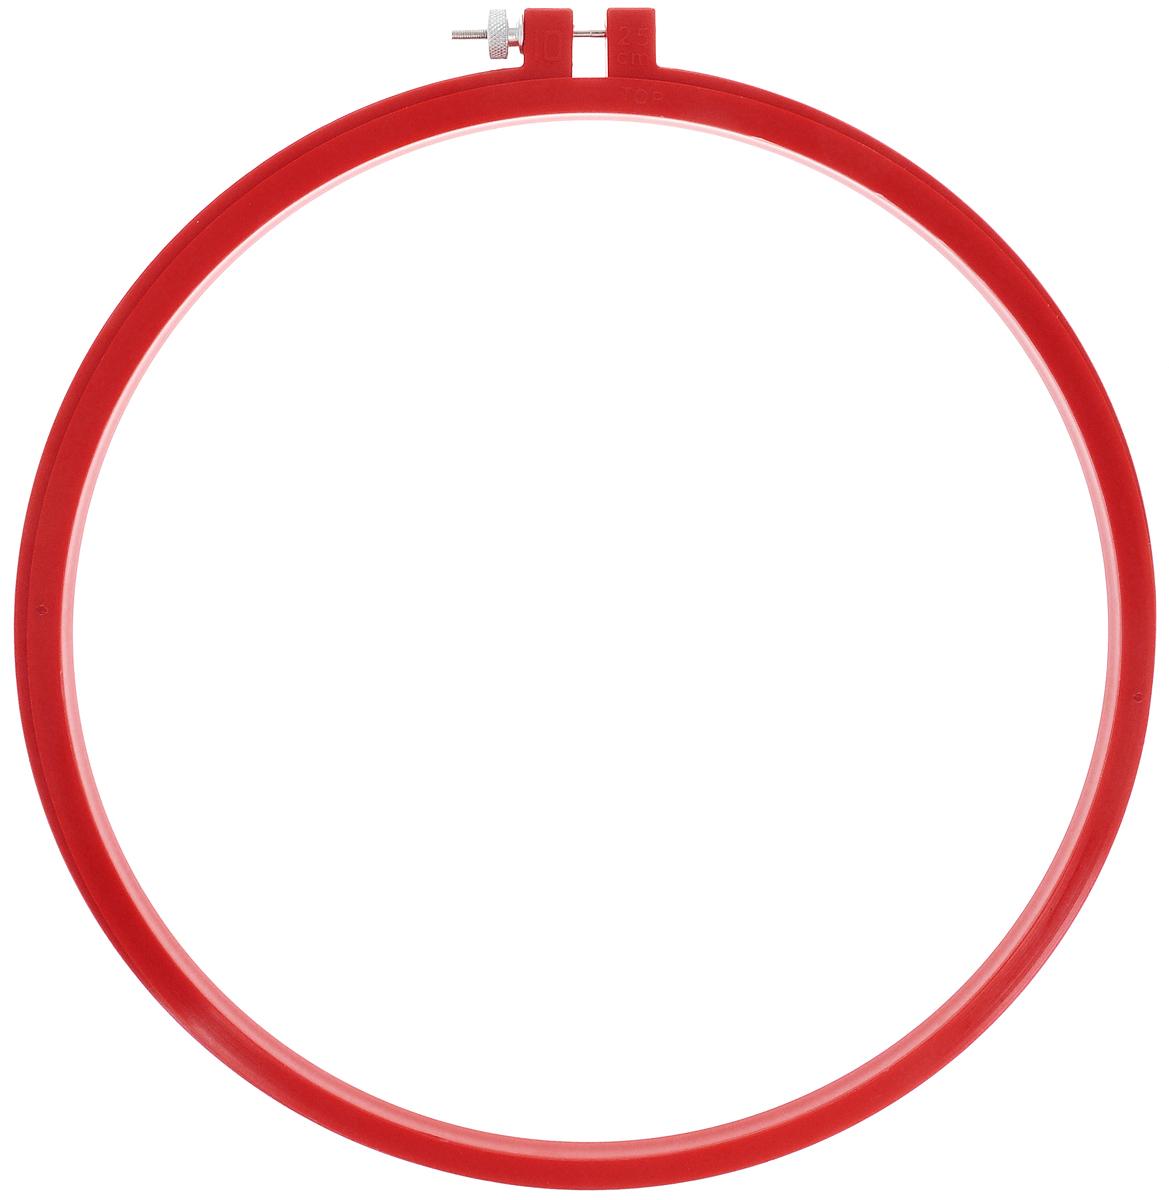 Пяльцы для вышивания Pony, цвет: красный, диаметр 25 см87808Пяльцы просто незаменимы для вышивки. Их основное назначение - держать материал в натянутом состоянии. Круглые пяльцы обычно употребляют в том случае, если размер вышивки небольшой. С помощью винта можно регулировать натяжение ткани в зависимости от ее плотности. Работа, сделанная своими руками, создаст особый уют и атмосферу в доме и долгие годы будет радовать вас и ваших близких. А подарок, выполненный собственноручно, станет самым ценным для друзей и знакомых.